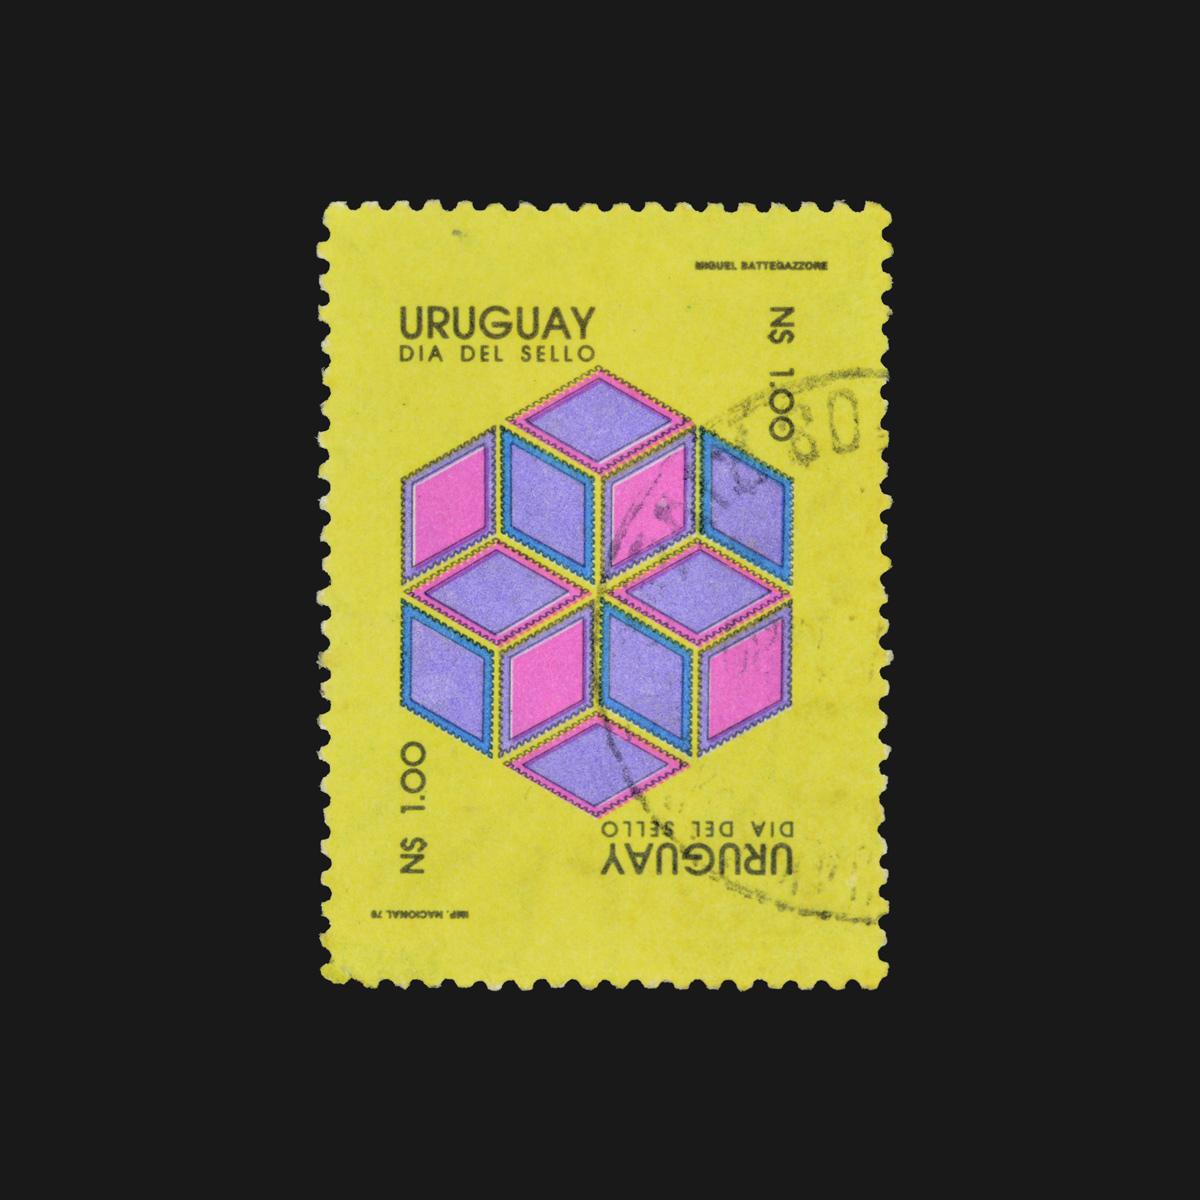 Slanted-1200px-Día-del-Sello-Uruguayo-✺-Uruguayan-Postal-Stamp-Day-✺-Miguel-Battegazzore-✺-N$1-✺-Circa-1978